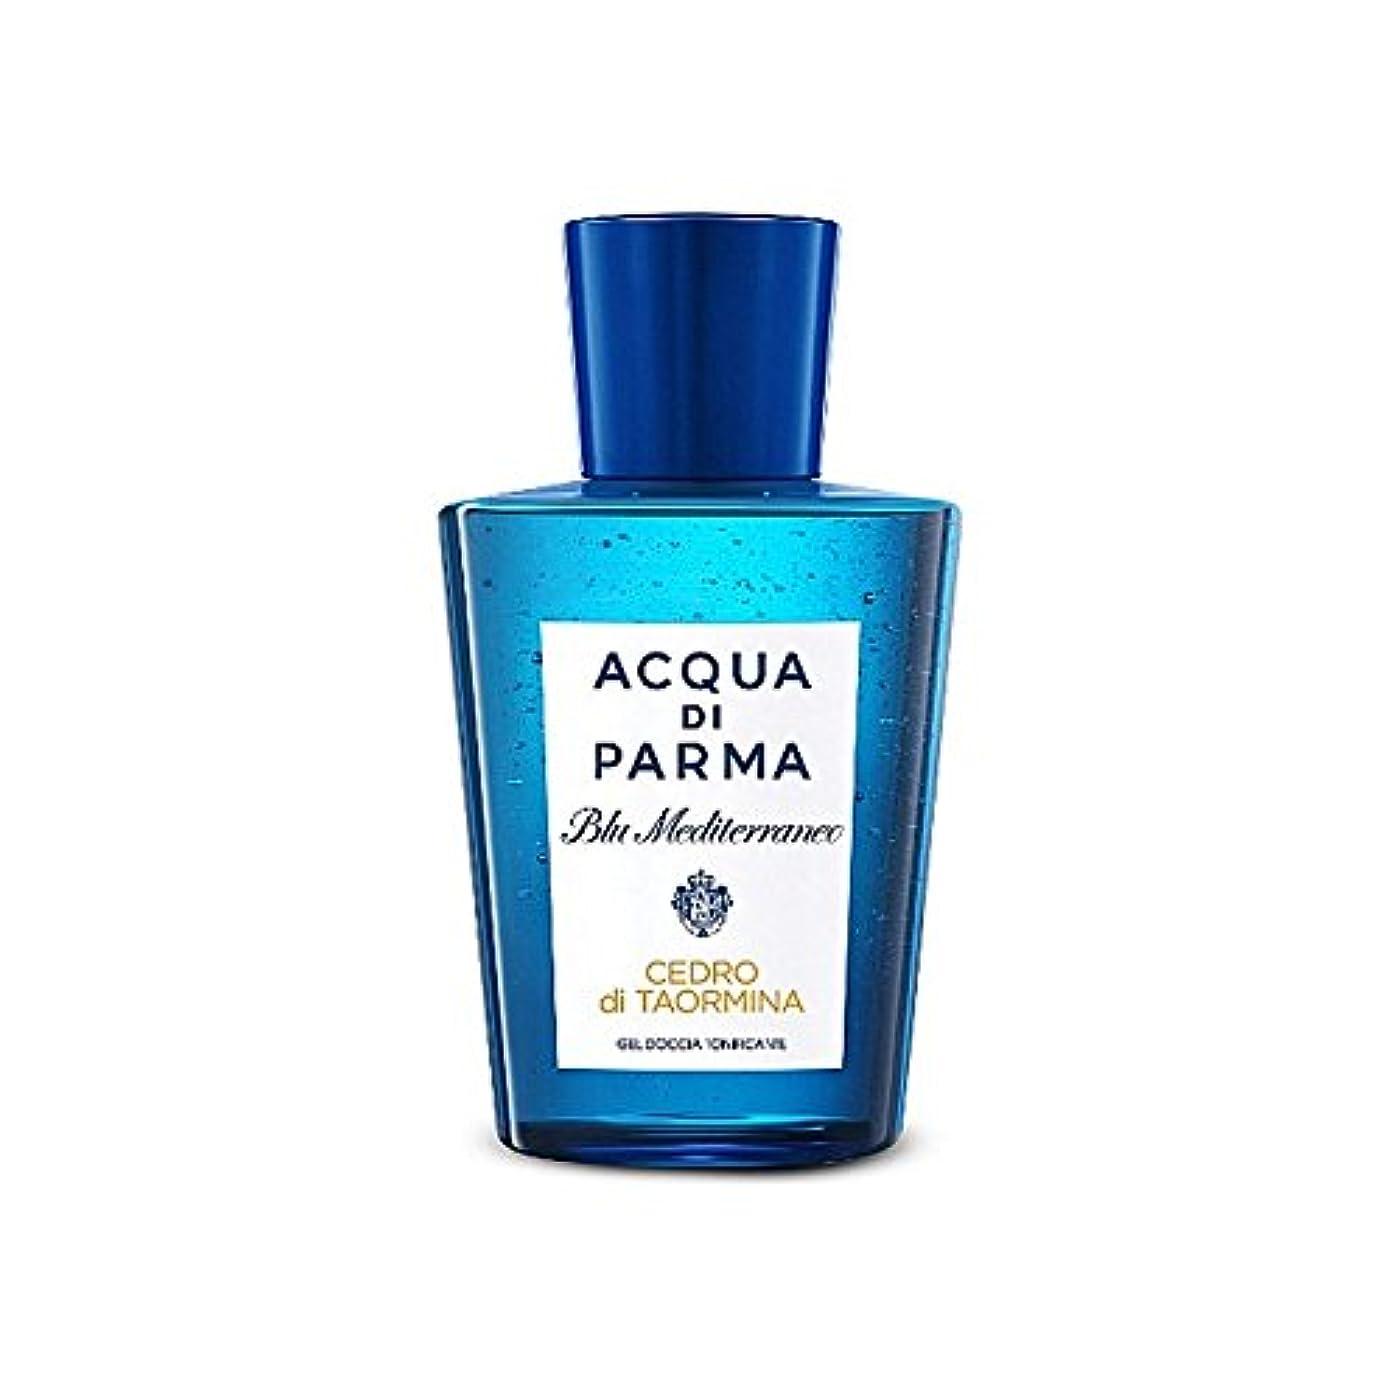 余計な寮存在Acqua Di Parma Cedro Di Taormina Shower Gel 200ml - アクアディパルマディミーナシャワージェル200 [並行輸入品]